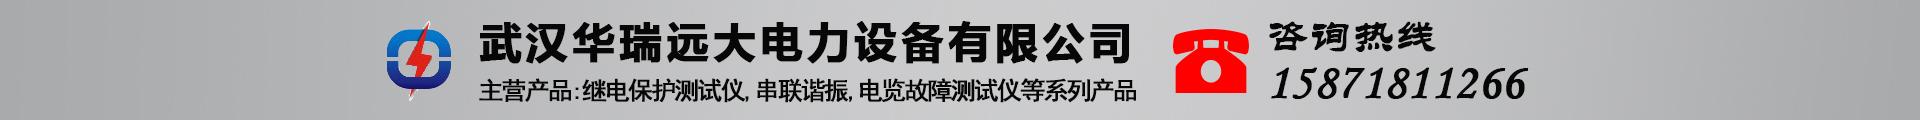 武漢華瑞遠大電力設備有限公司